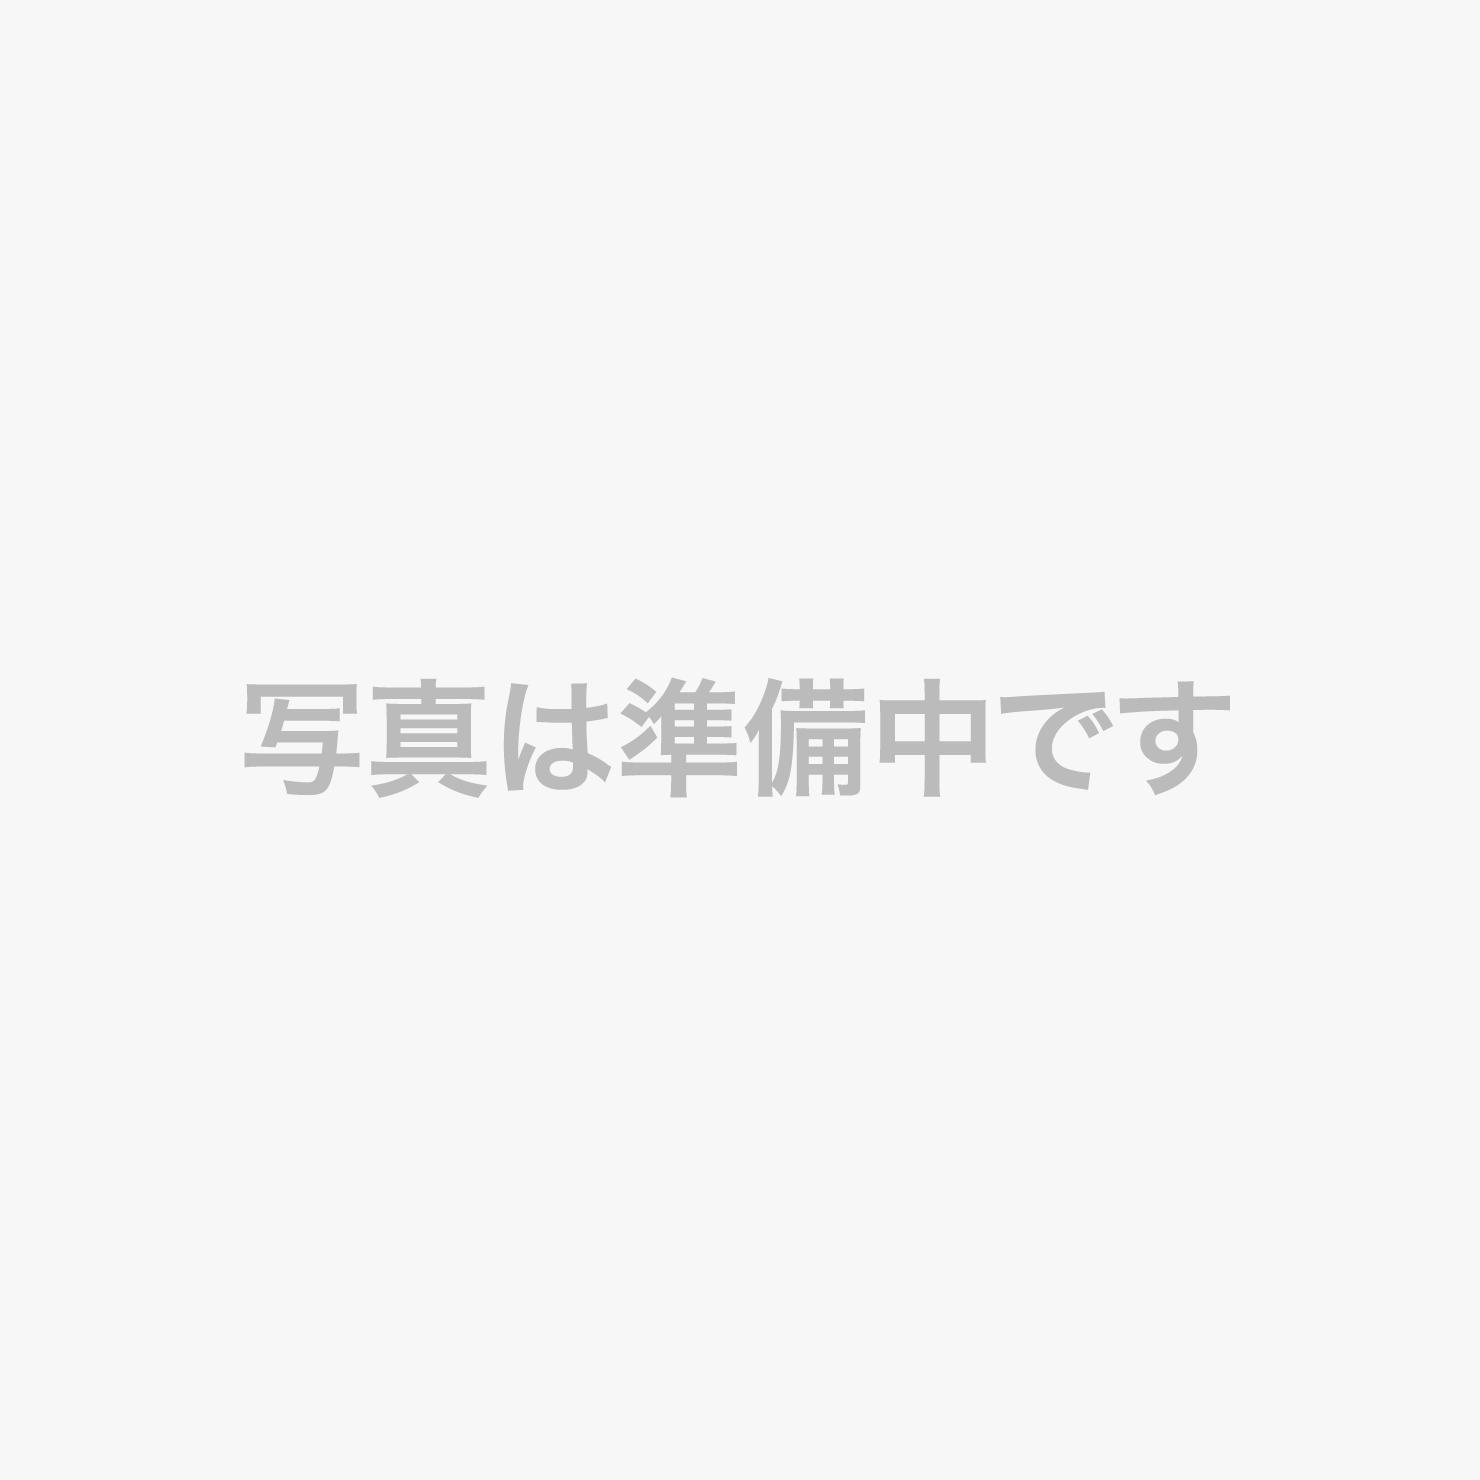 *東京~ホテル直行バス「スパリゾートライナー」